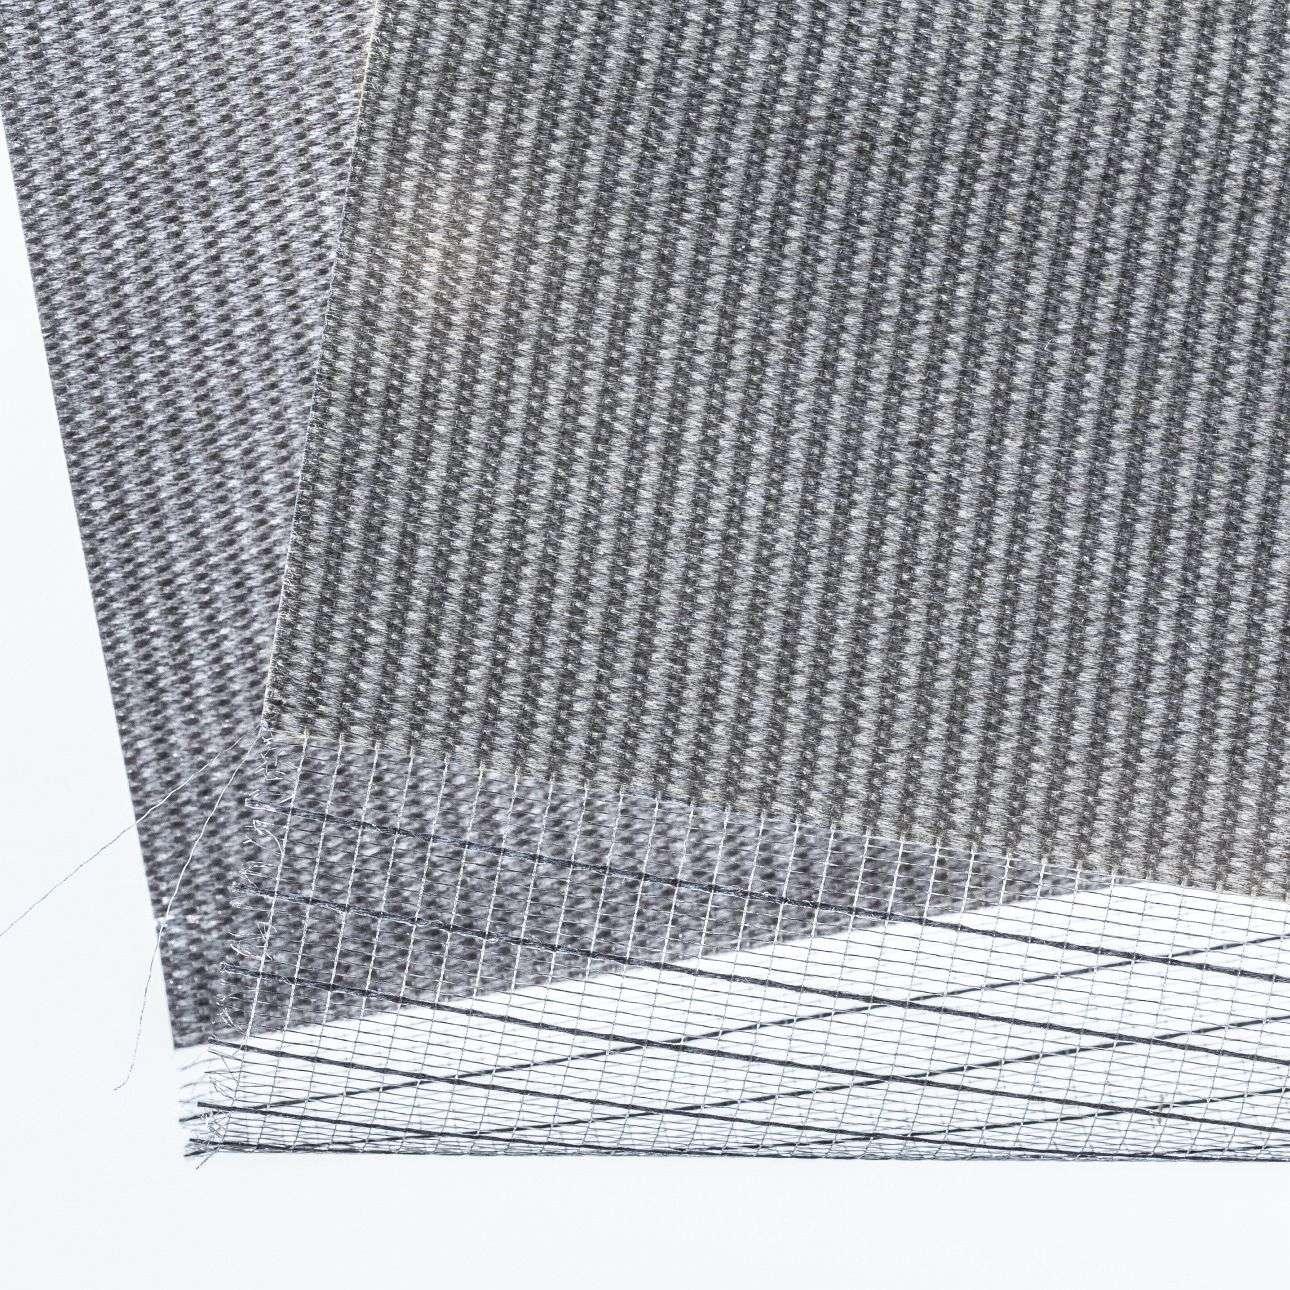 Mini roleta Dzień/Noc z żyłką 38x150cm w kolekcji Rolety zwijane Dzień/Noc, tkanina: 1220